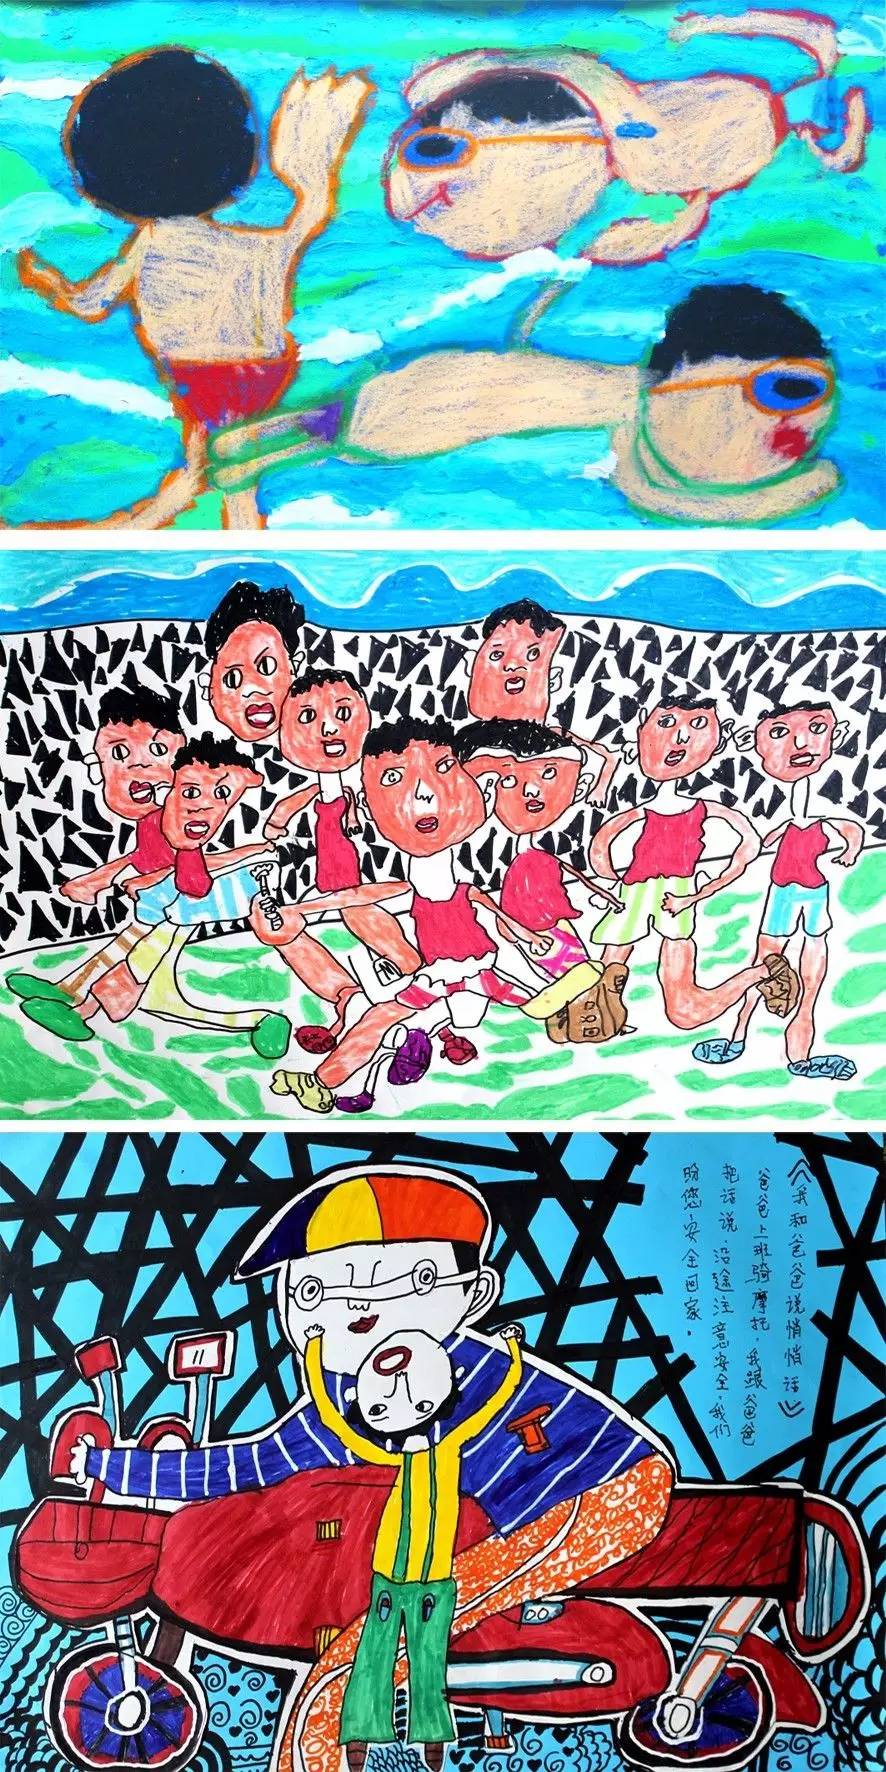 石求旭·水粉画《游泳啦》 林功勇·水彩画《运动会》